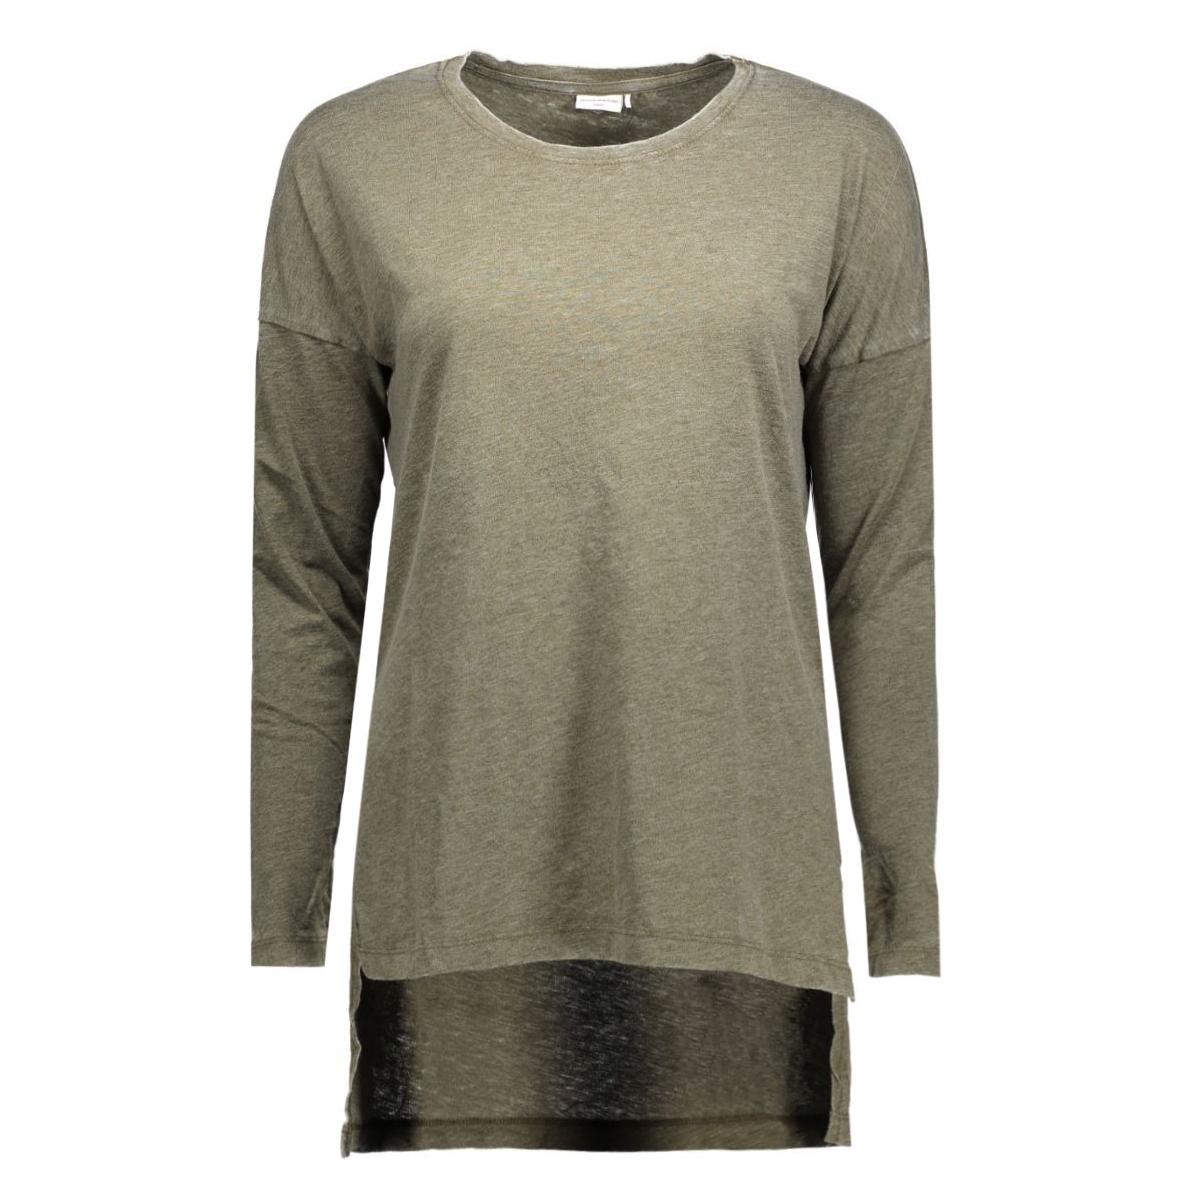 jdyburn l/s tunic jrs 15118027 jacqueline de yong t-shirt dark olive